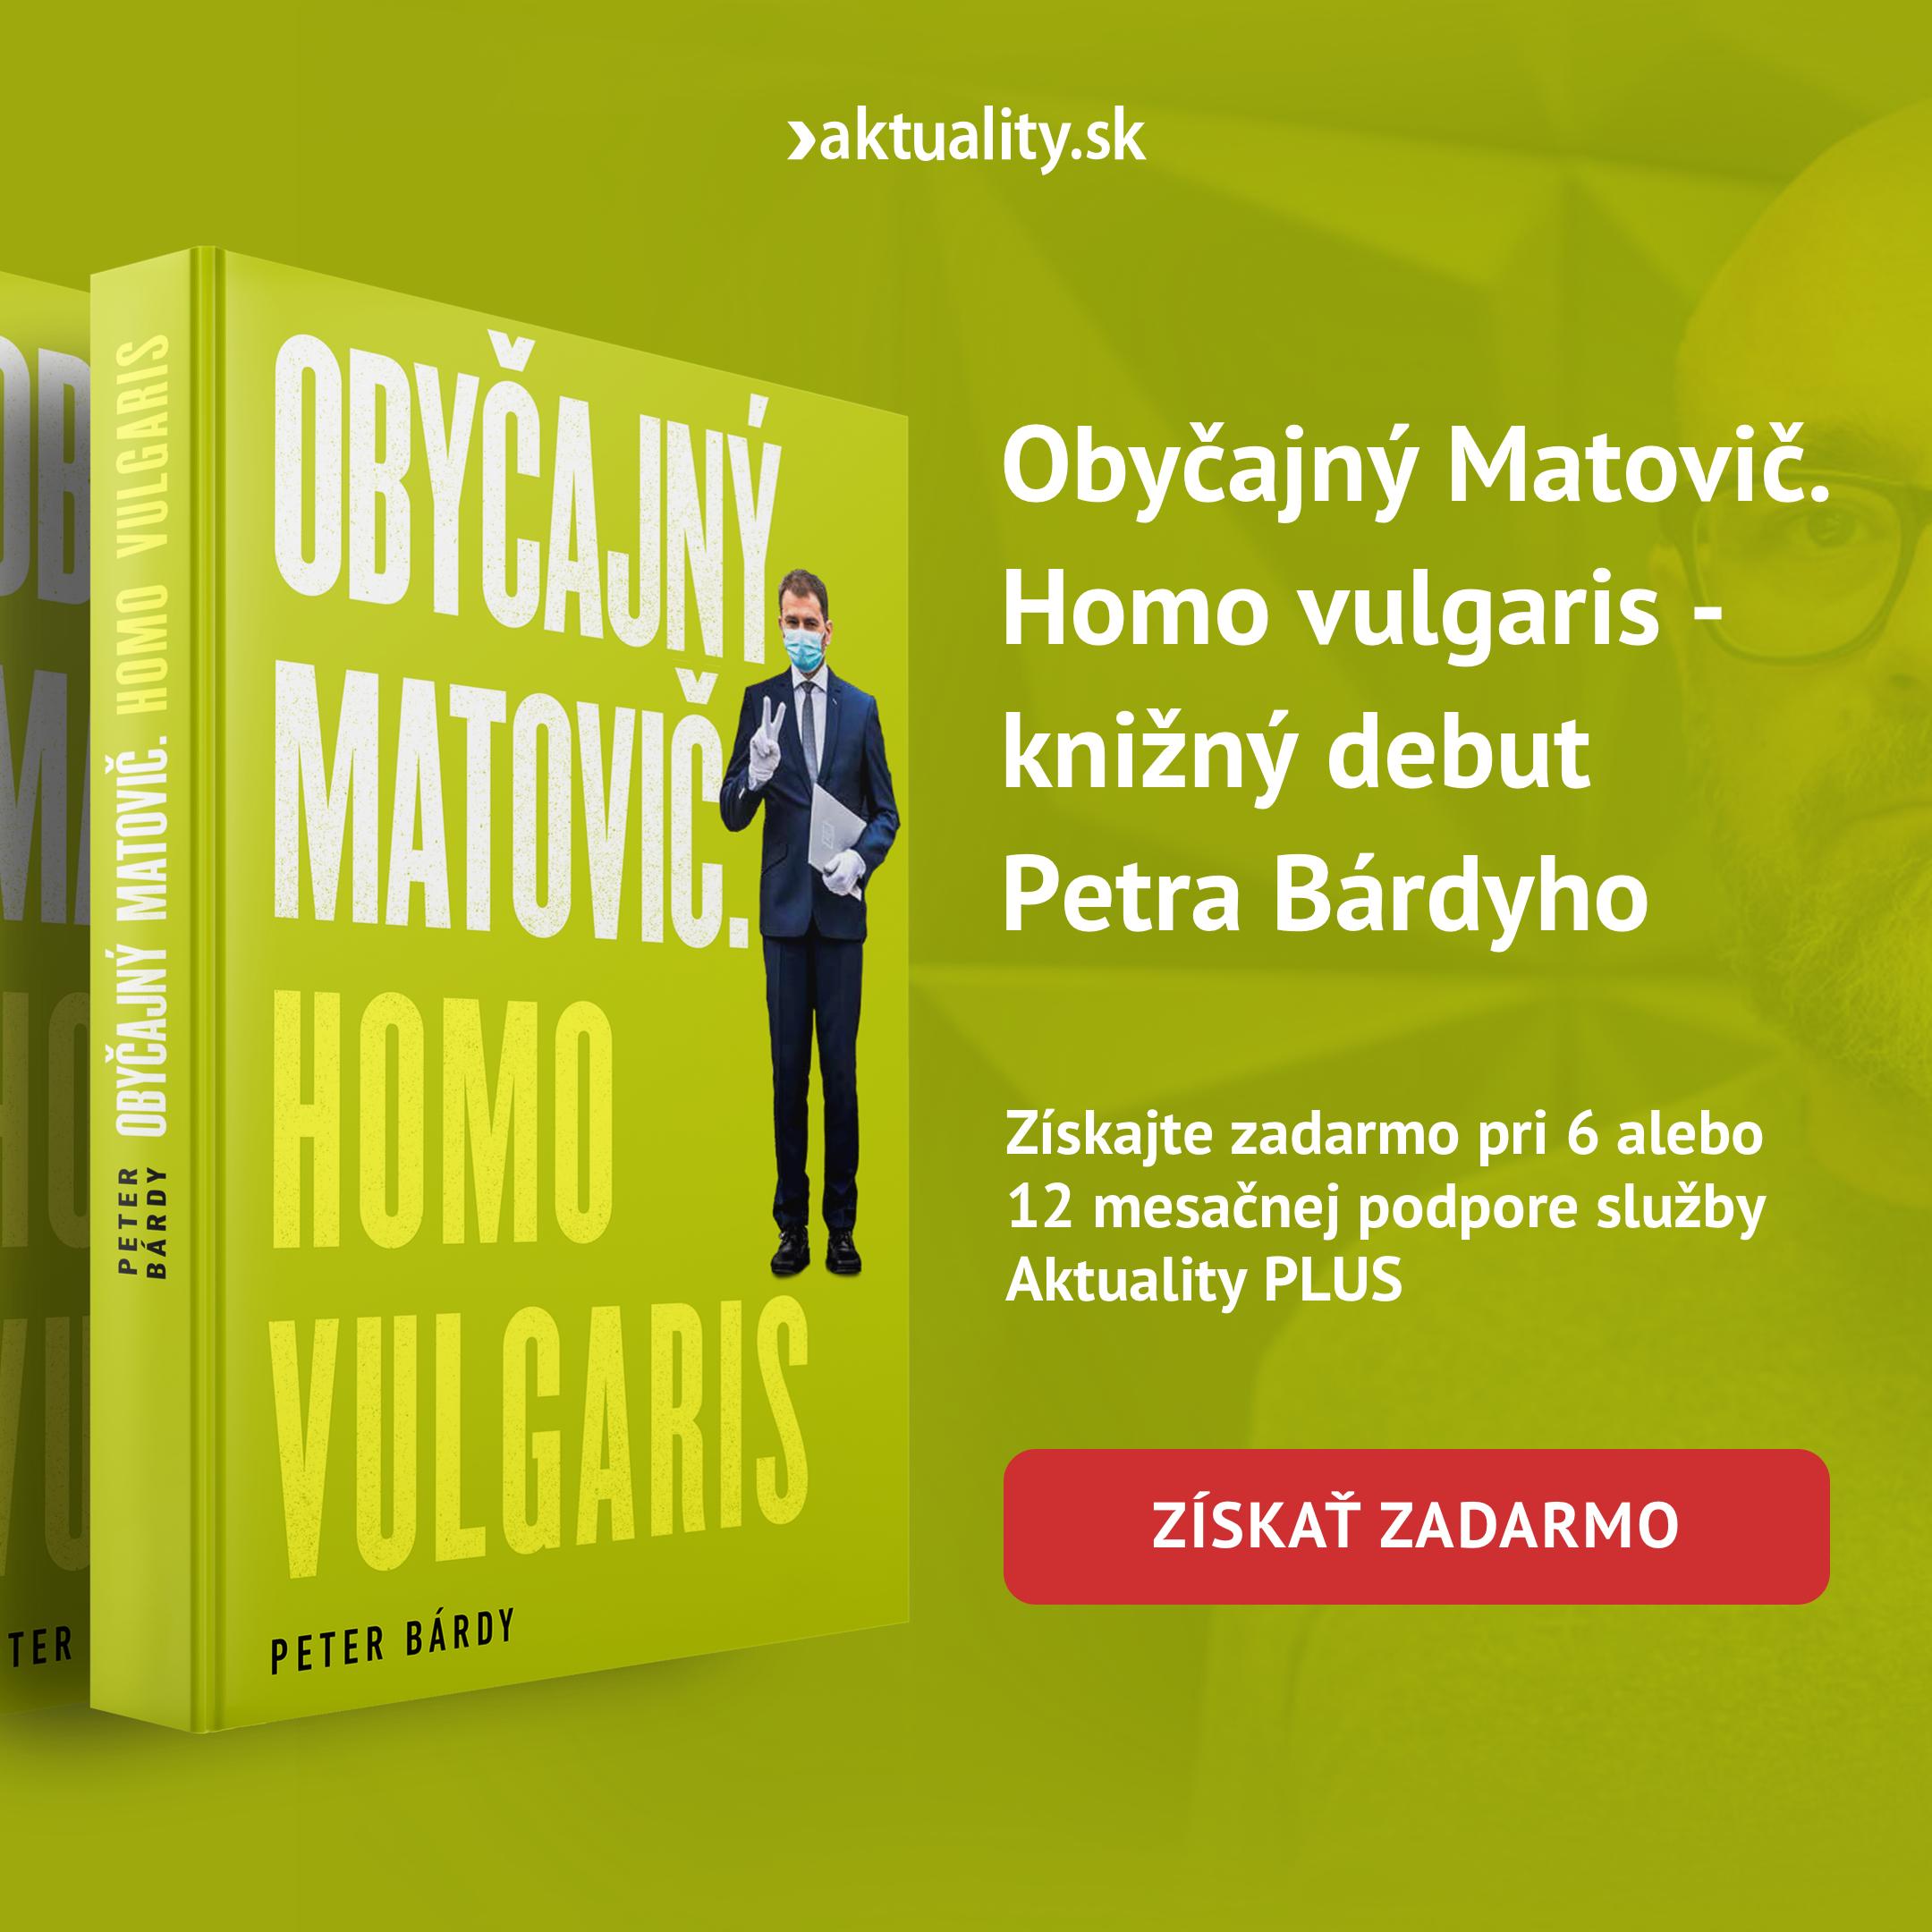 Obyčajný Matovič. Homo vulgaris - knižný debut Petra Bárdyho